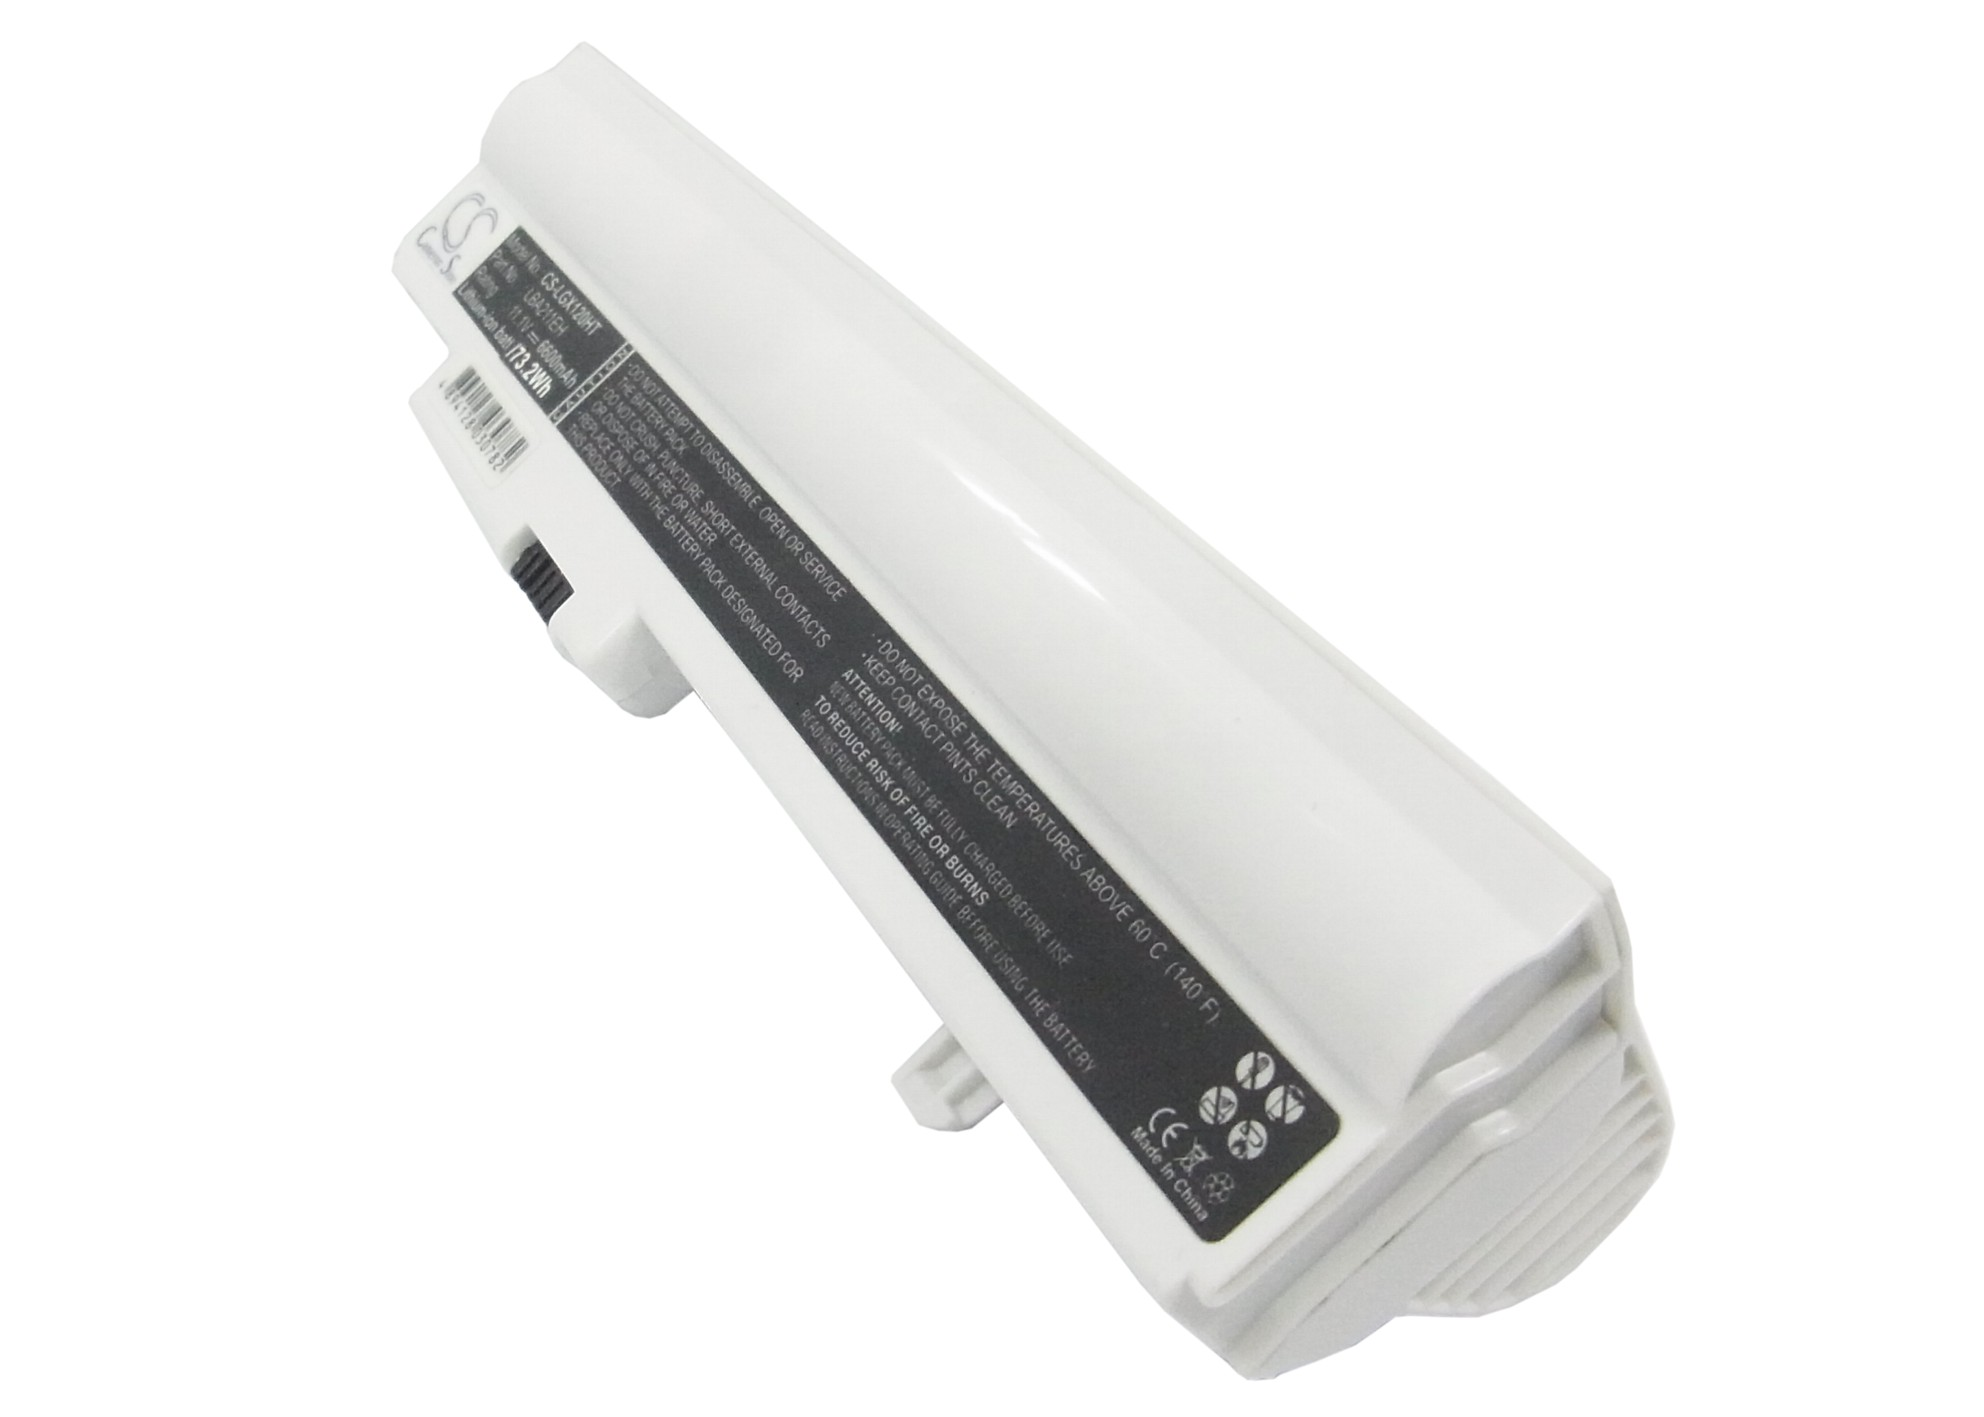 Cameron Sino baterie do netbooků pro LG X120-H 11.1V Li-ion 6600mAh bílá - neoriginální